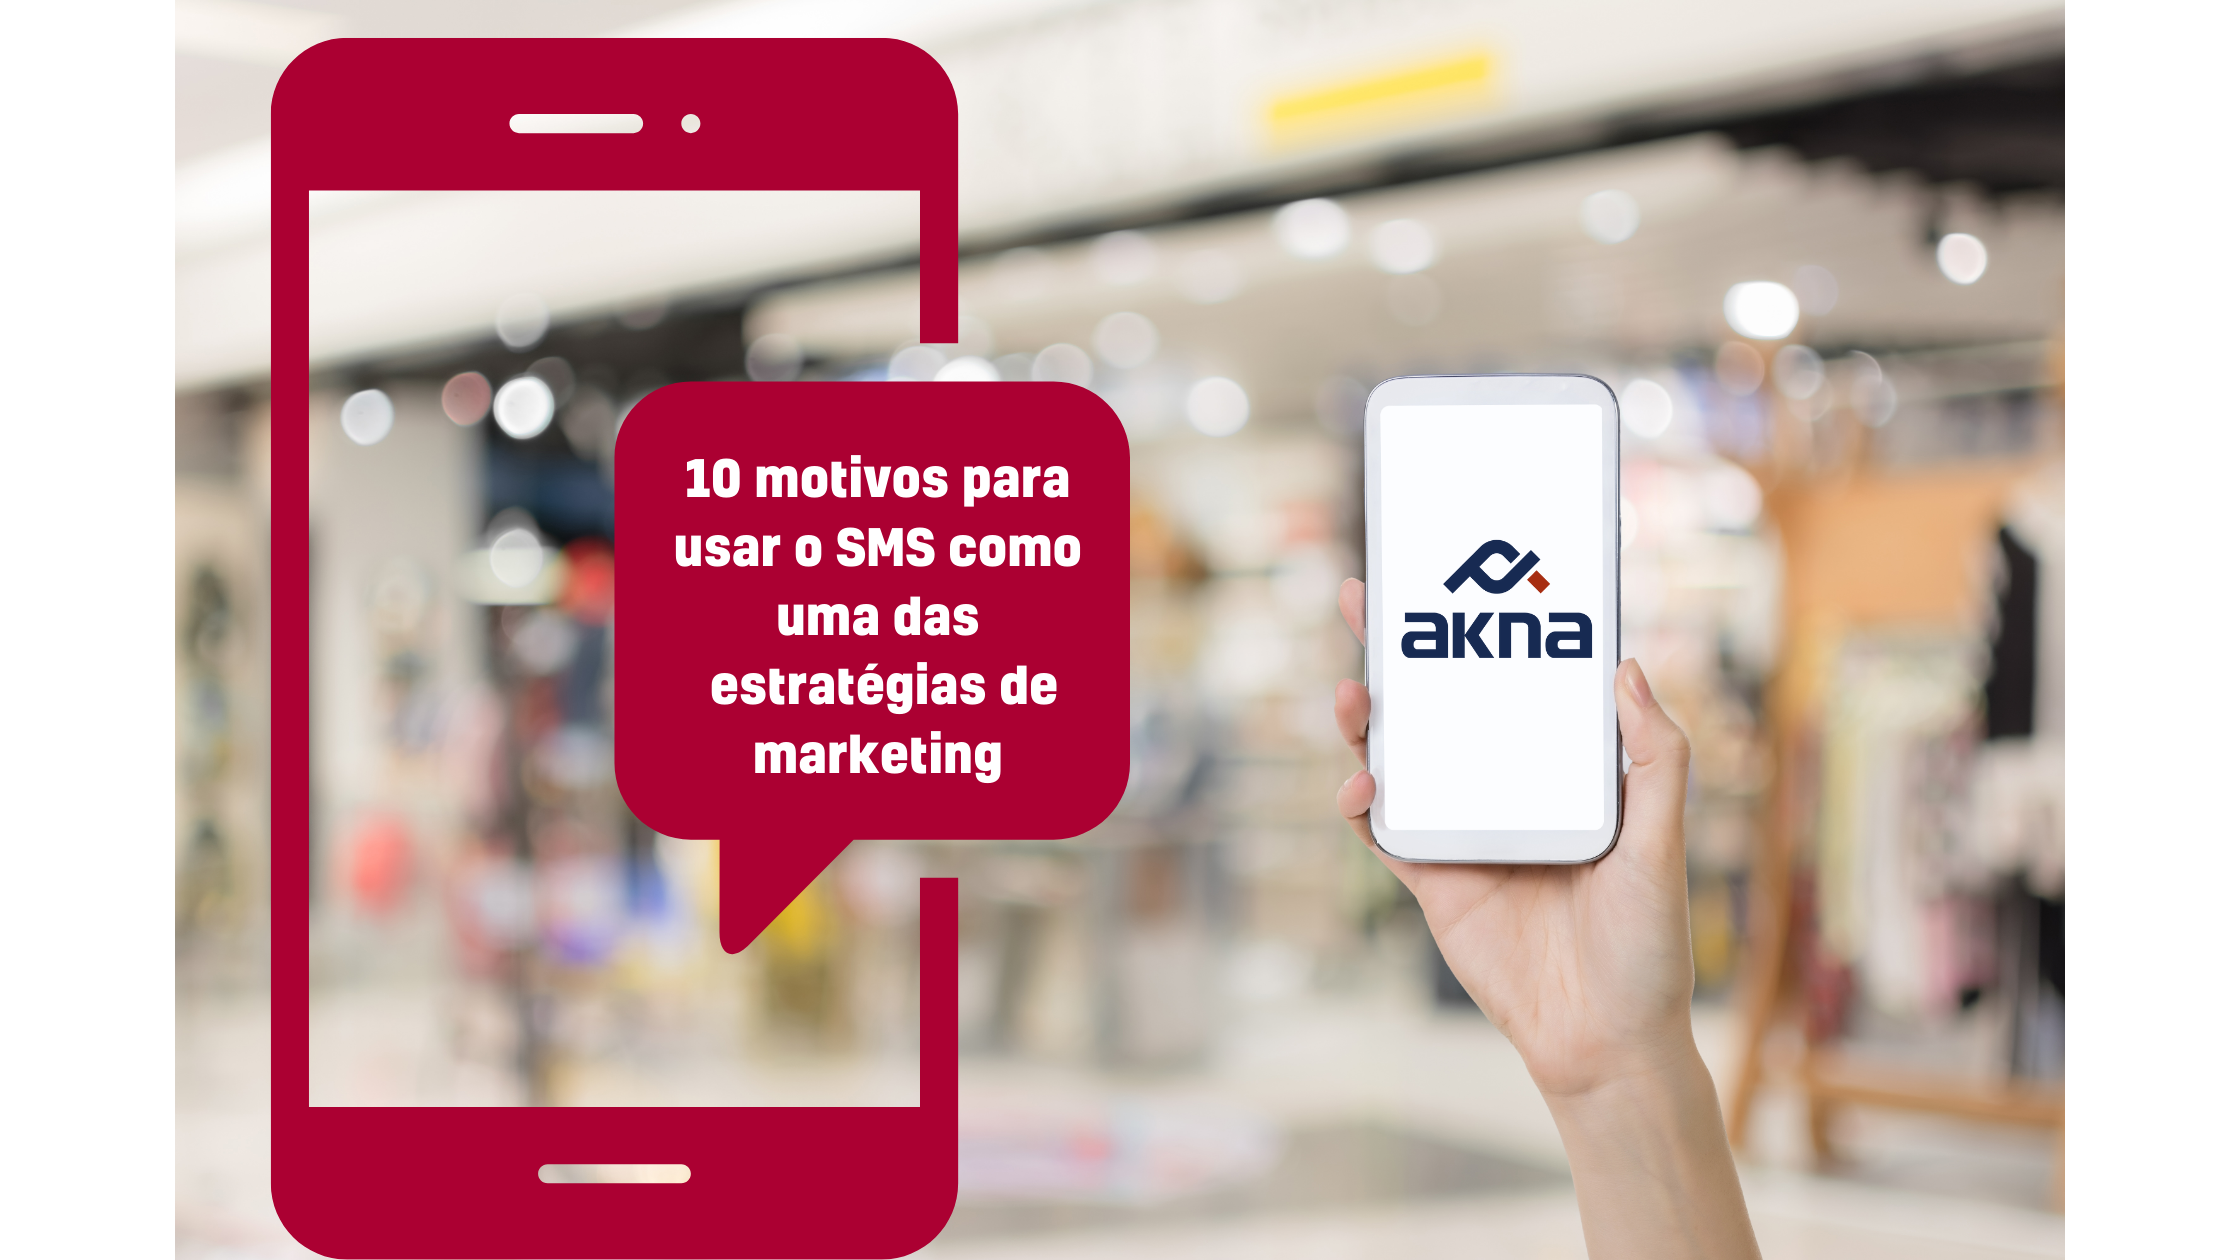 10 motivos para você usar o SMS como uma das estratégias de marketing